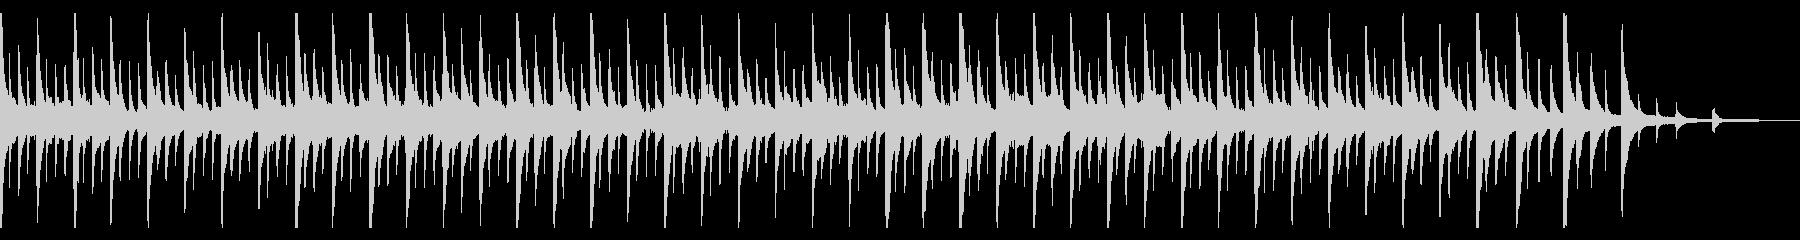 ハワイ 癒しのピアノ リラックスの未再生の波形